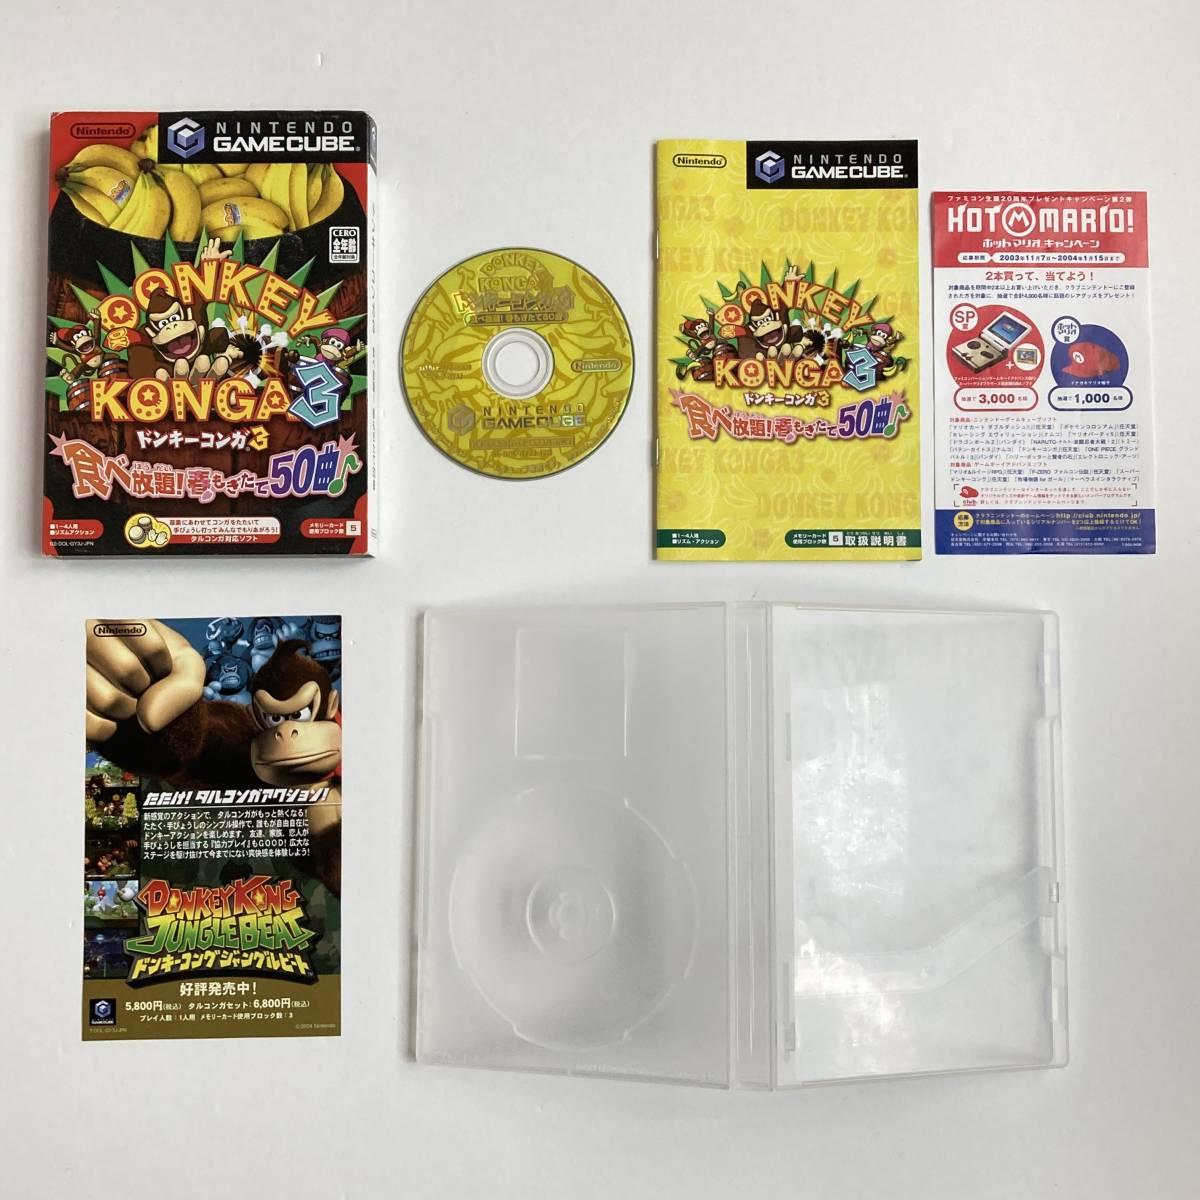 ゲームキューブ ドンキーコンガ 1 2 3 4本セット / Lot 4 Gamecube Donkey Konga 1 2 3 Jungle Beat Nintendo GC Game Cube Japan JP